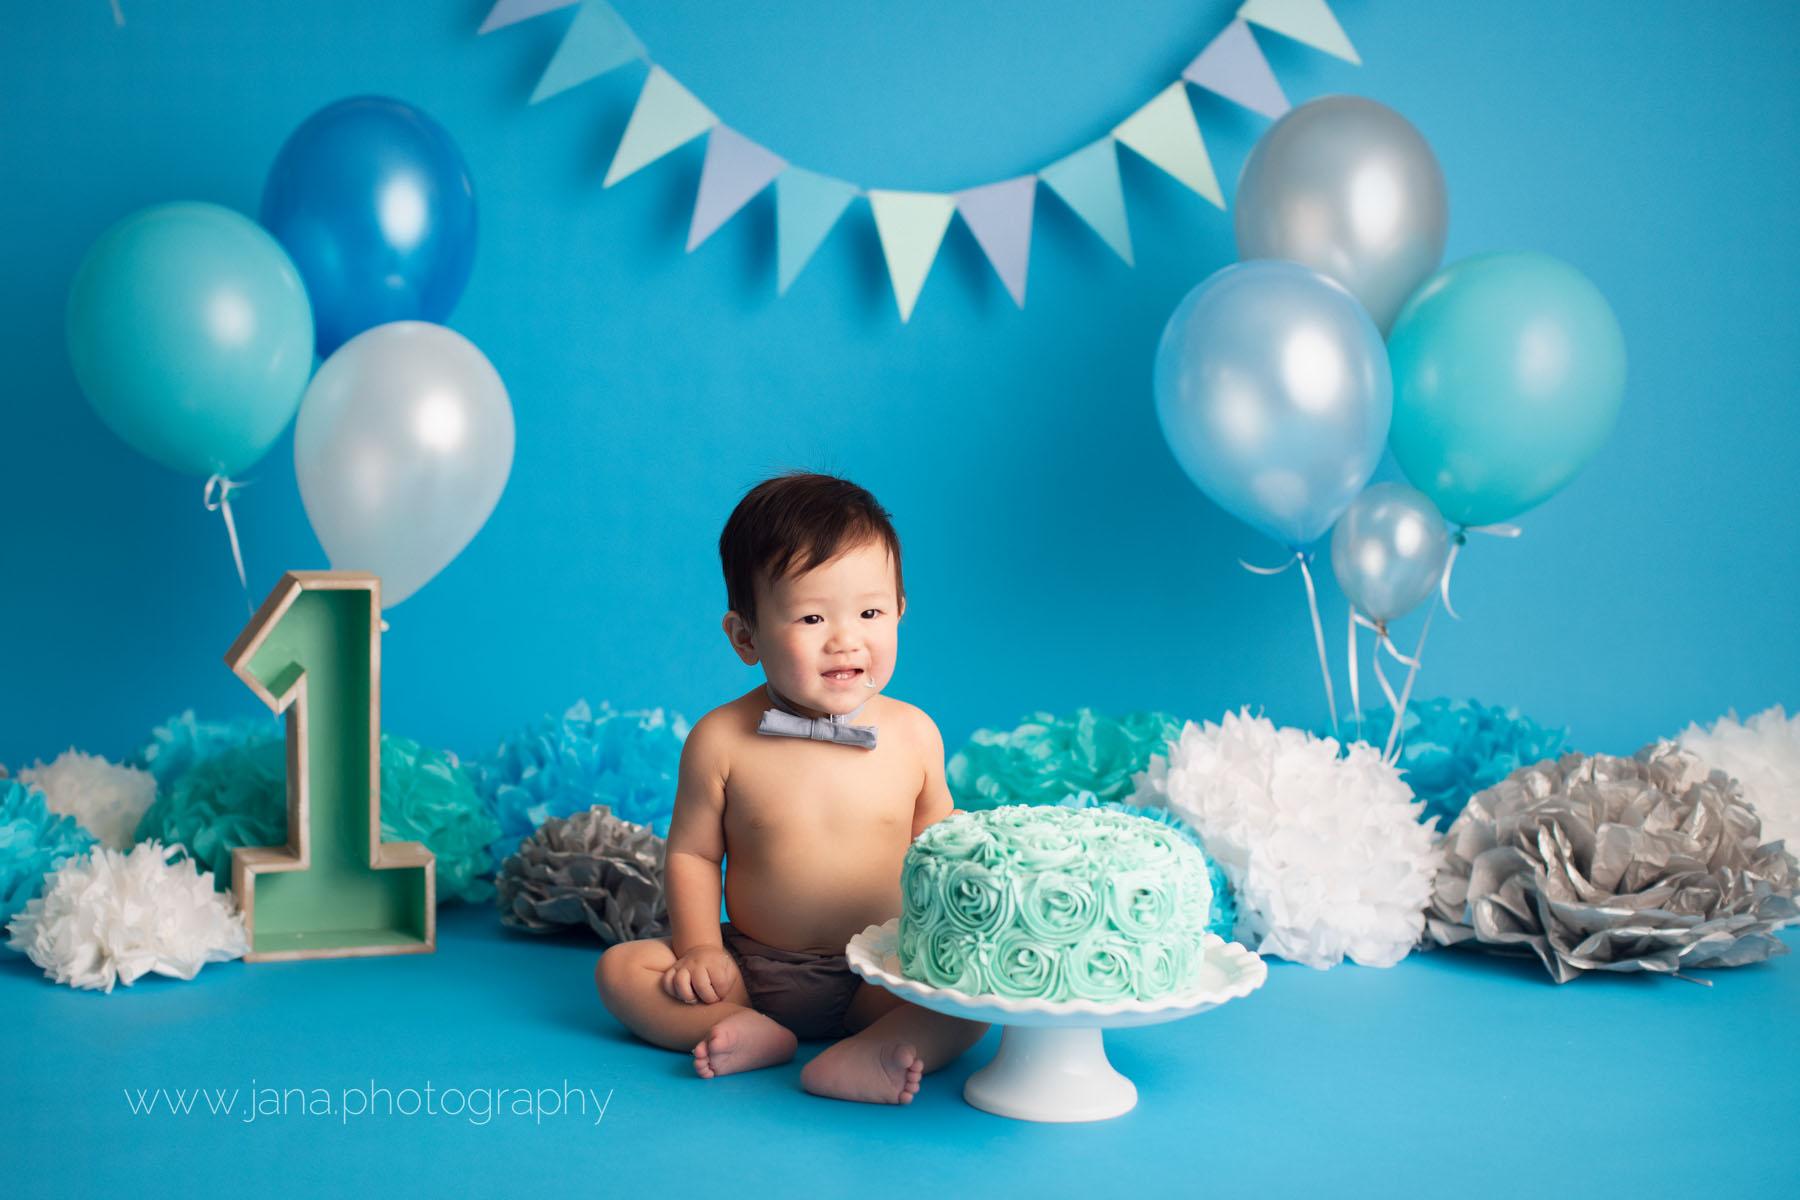 cake smash - baby photography  - blue setup